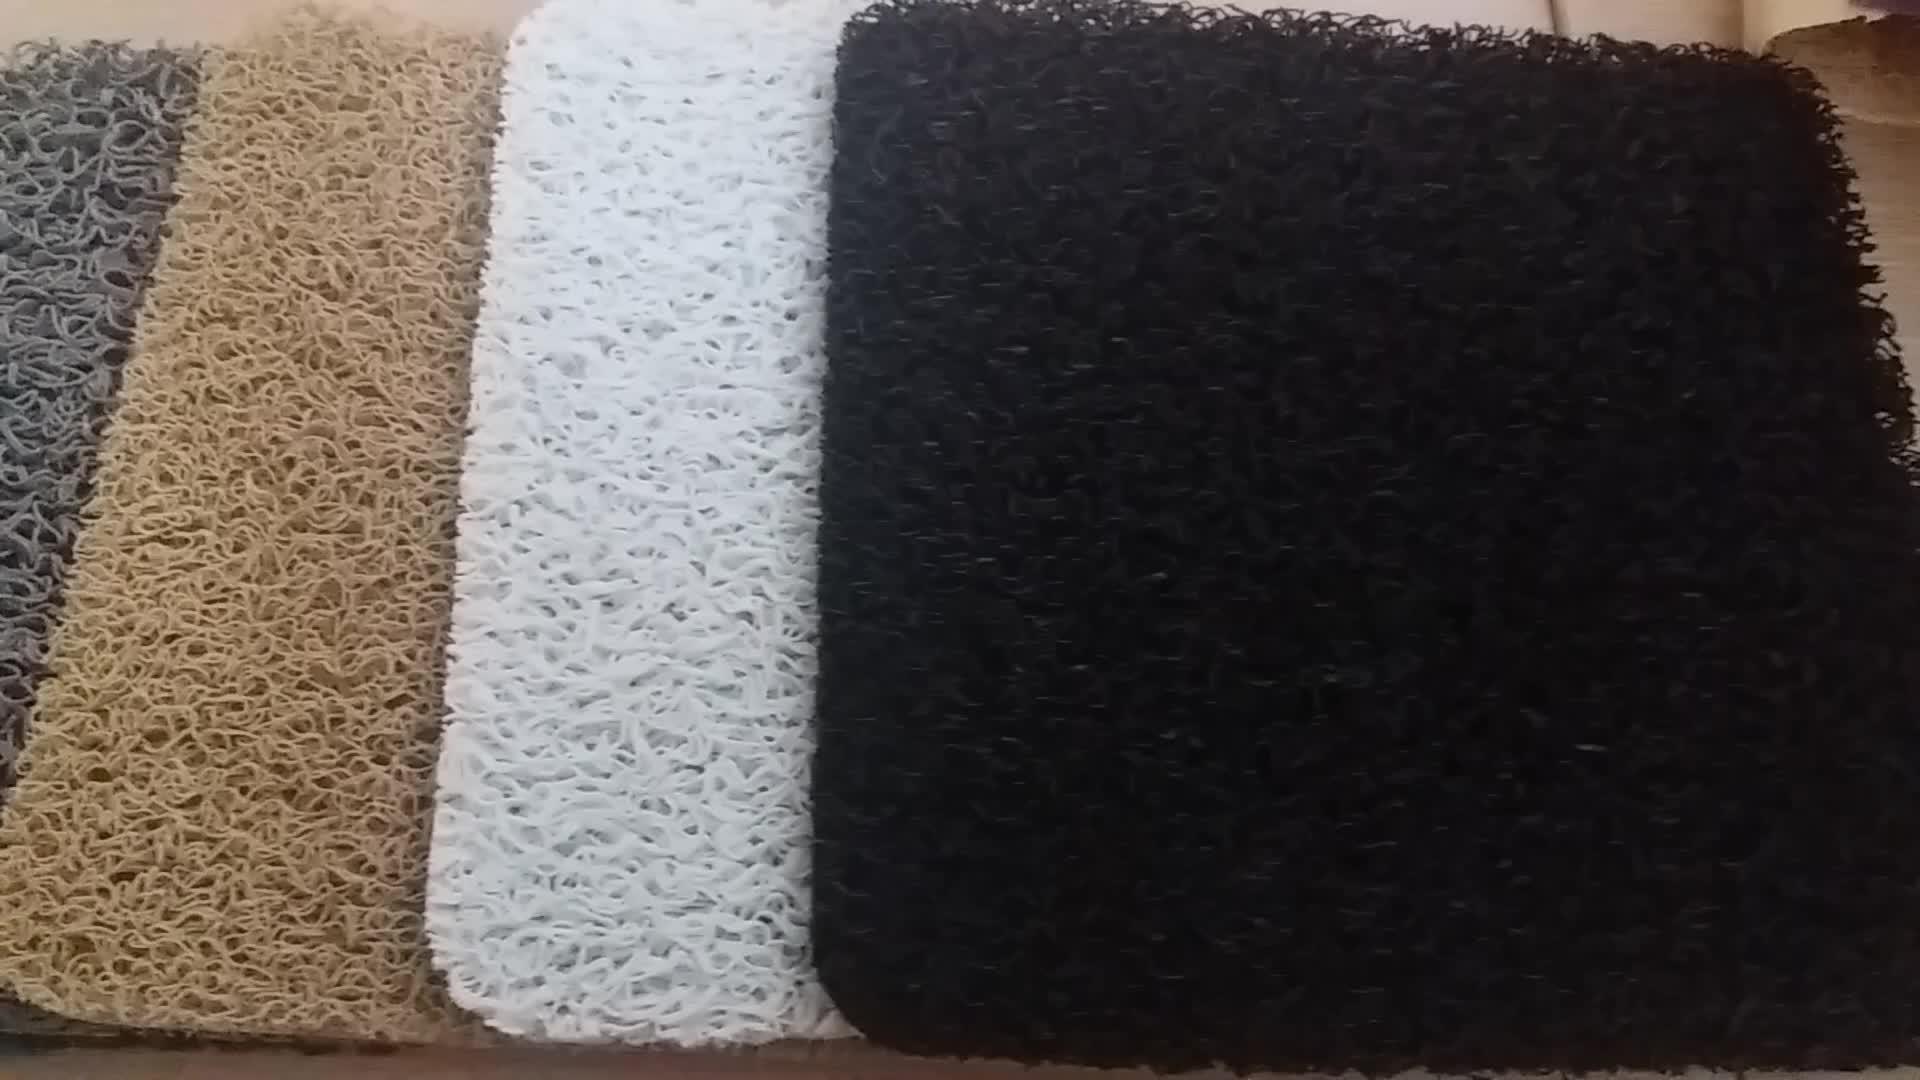 Miglior Fornitore All'ingrosso Cuscino Colorato Trappola Sporco di Polvere Zerbino, Coil Cheap Tappeto d'ingresso Zerbino, tappeto Tappetino